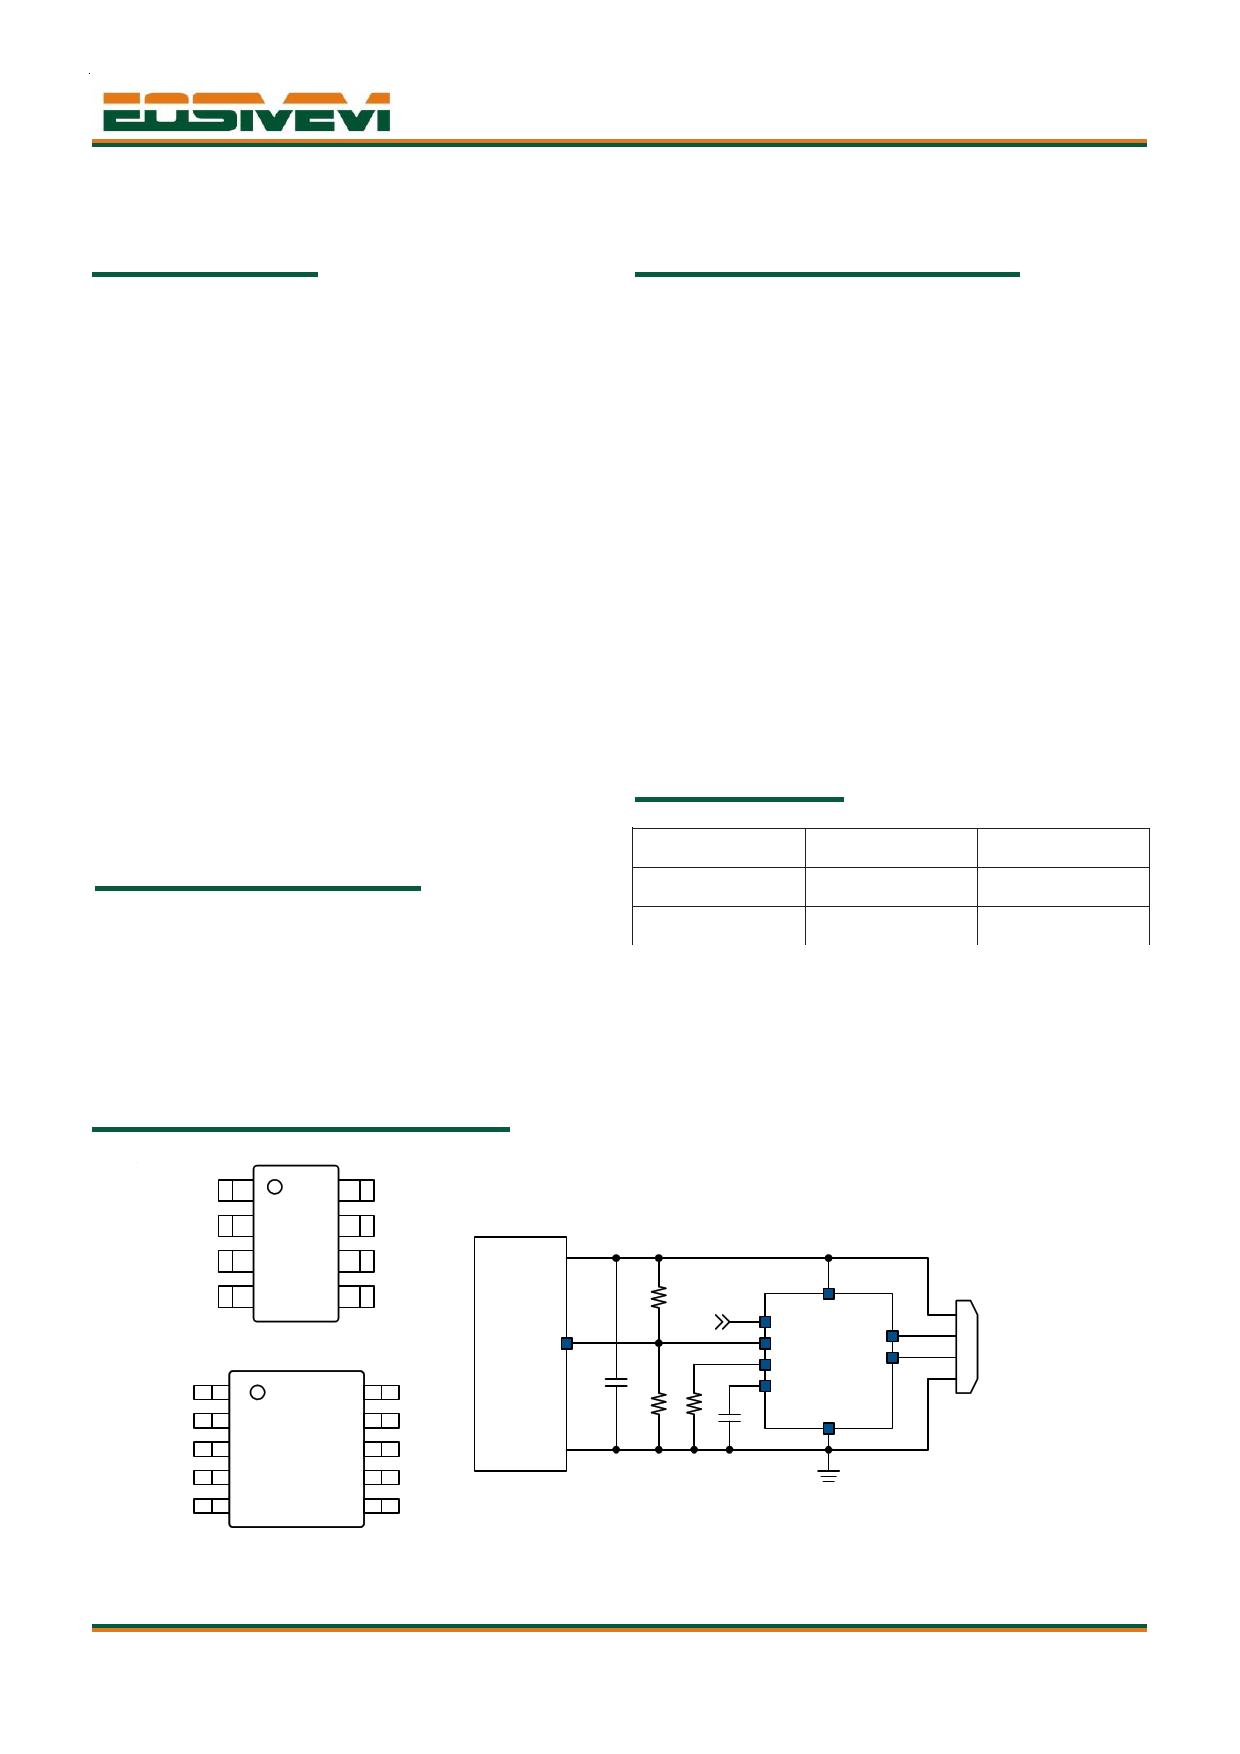 NT6008 데이터시트 및 NT6008 PDF